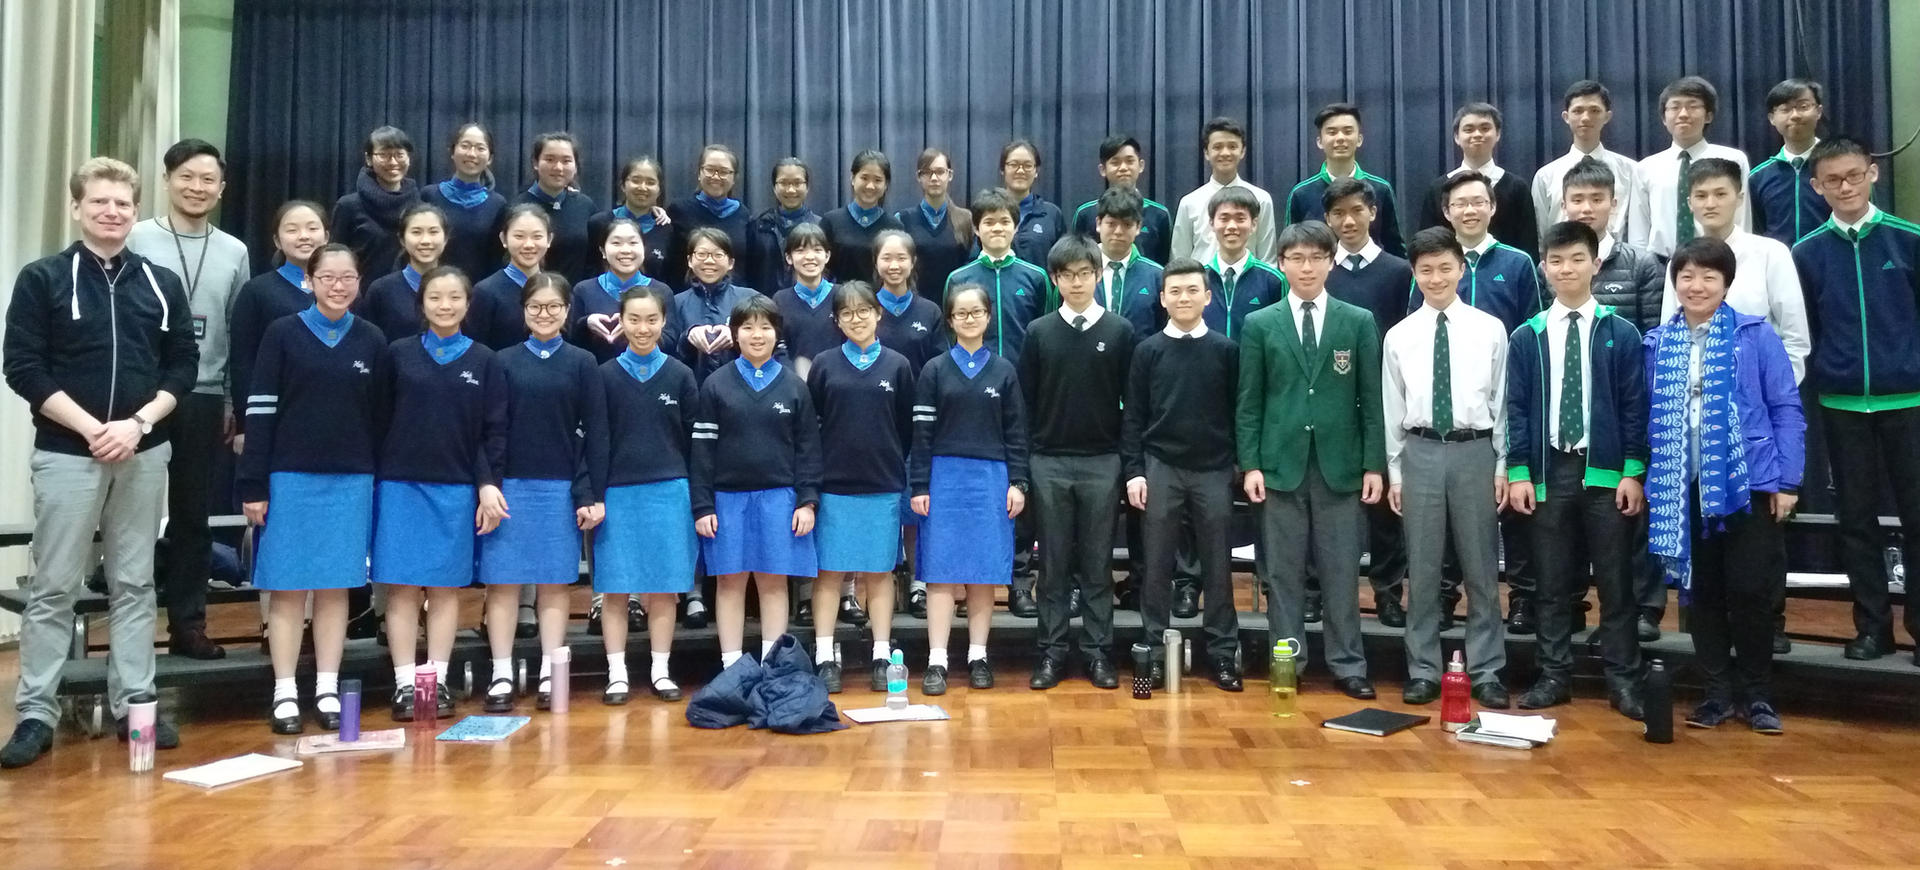 Heep Yunn School & Wah Yan College Kowloon Mixed Choir (Hong Kong, China)